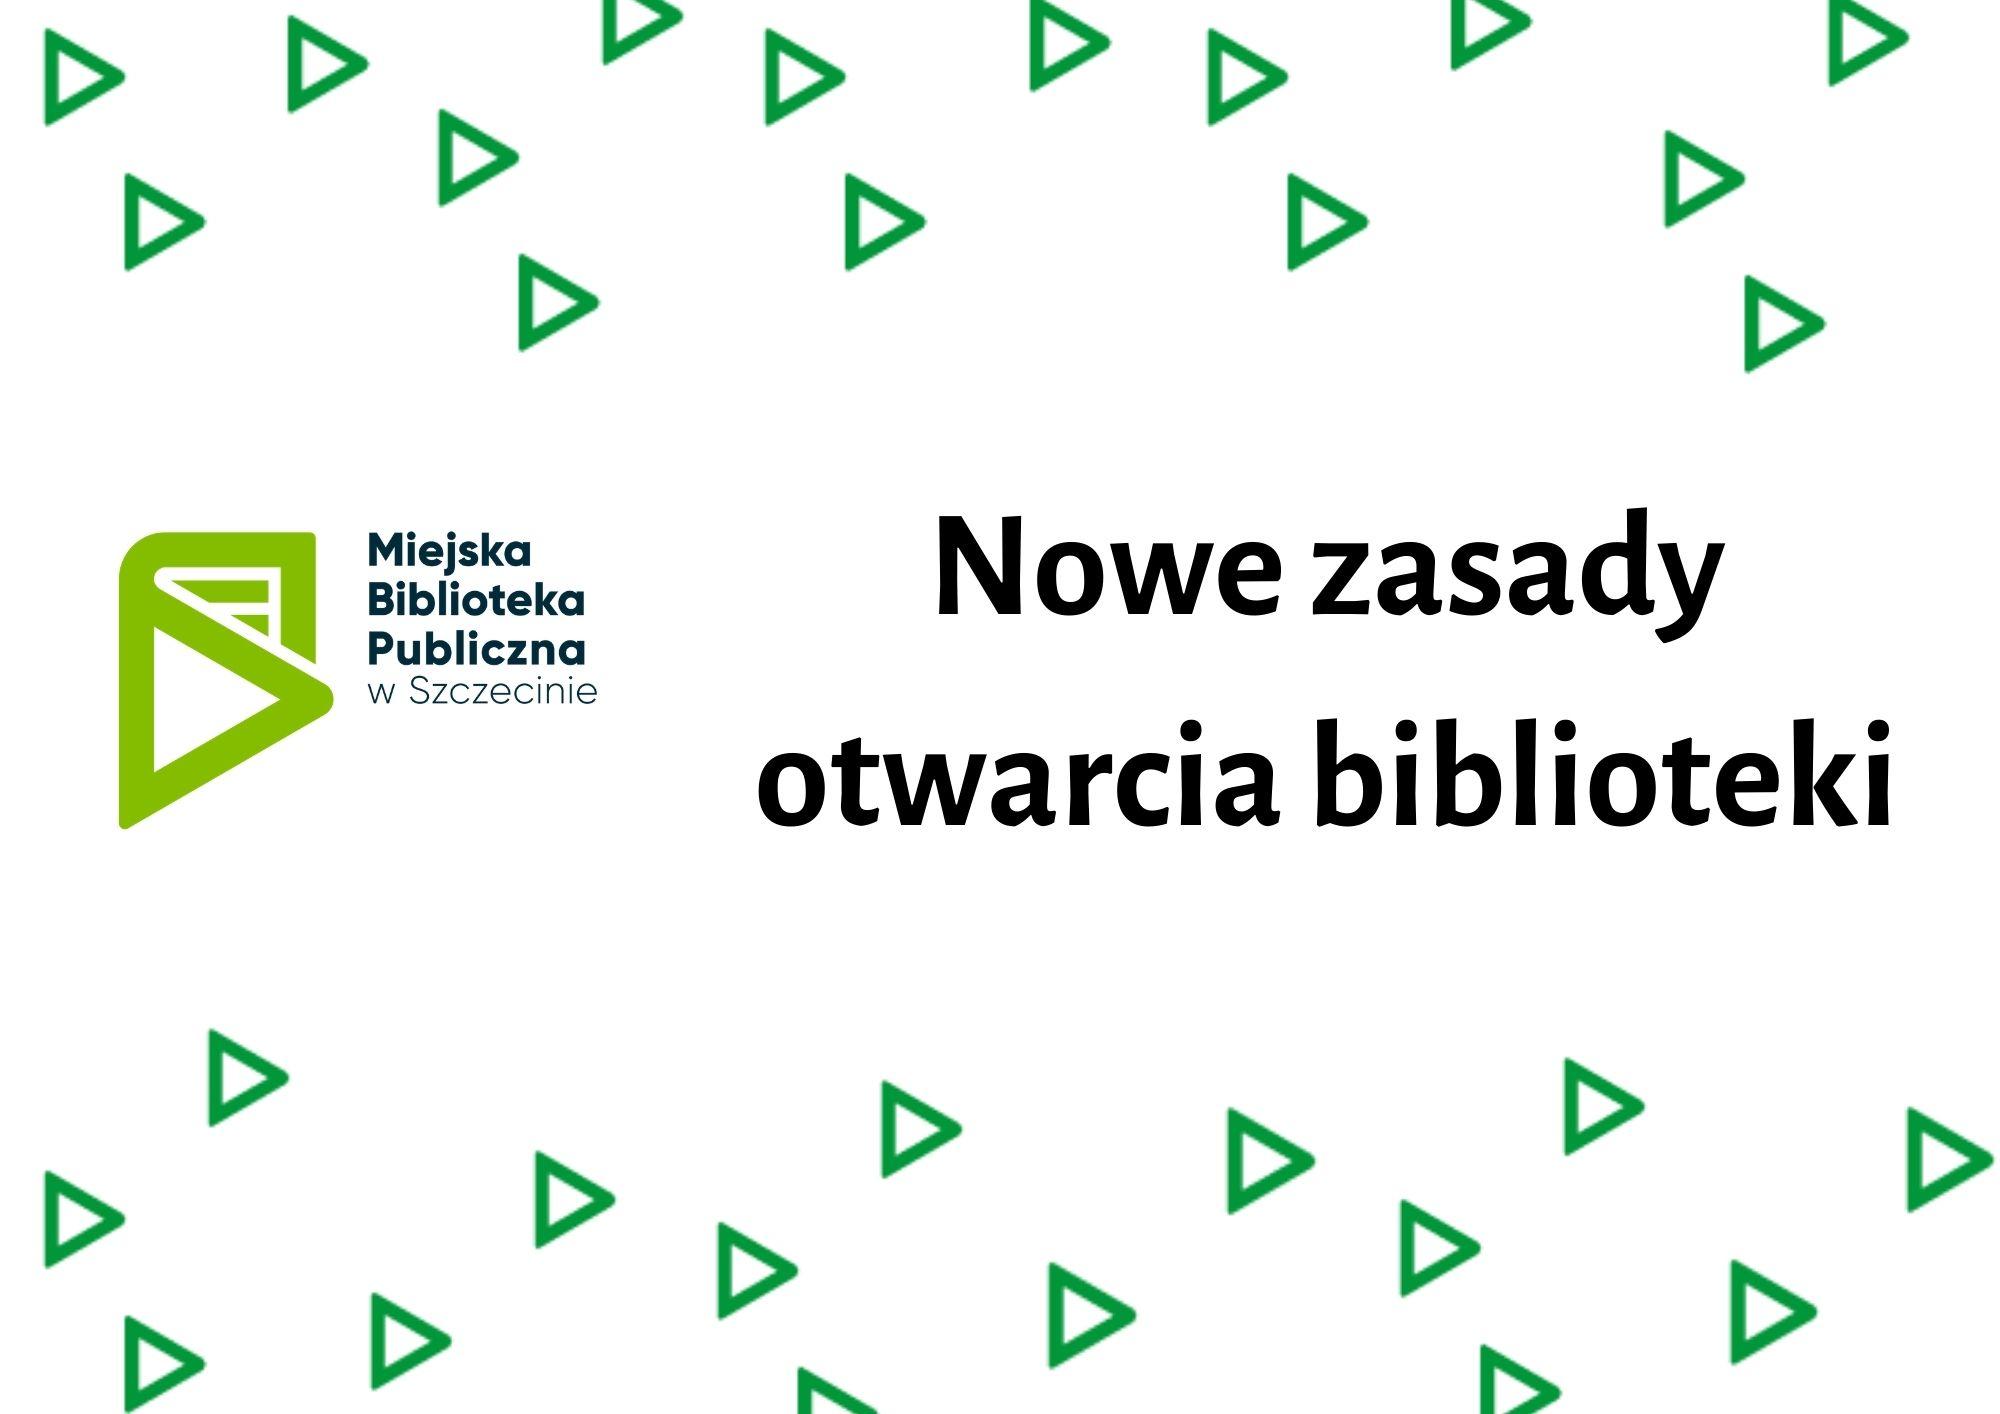 Funkcjonowanie biblioteki w reżimie sanitarnym